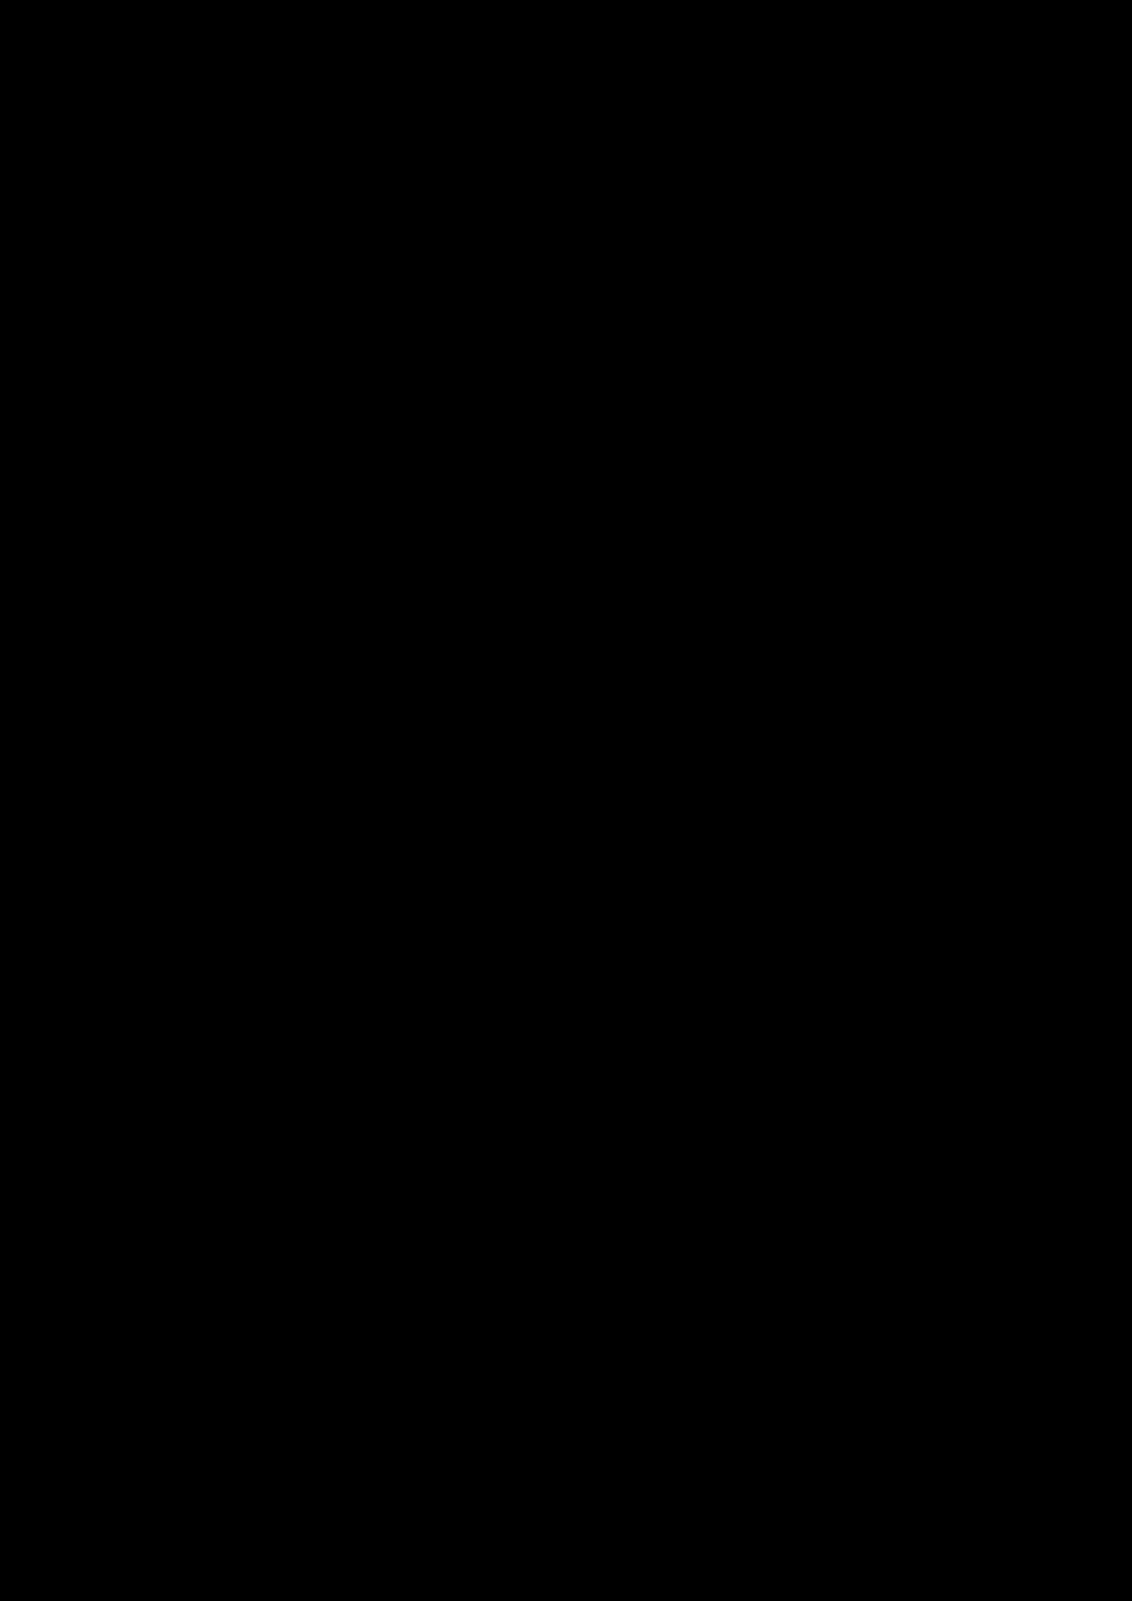 Lambada slide, Image 1